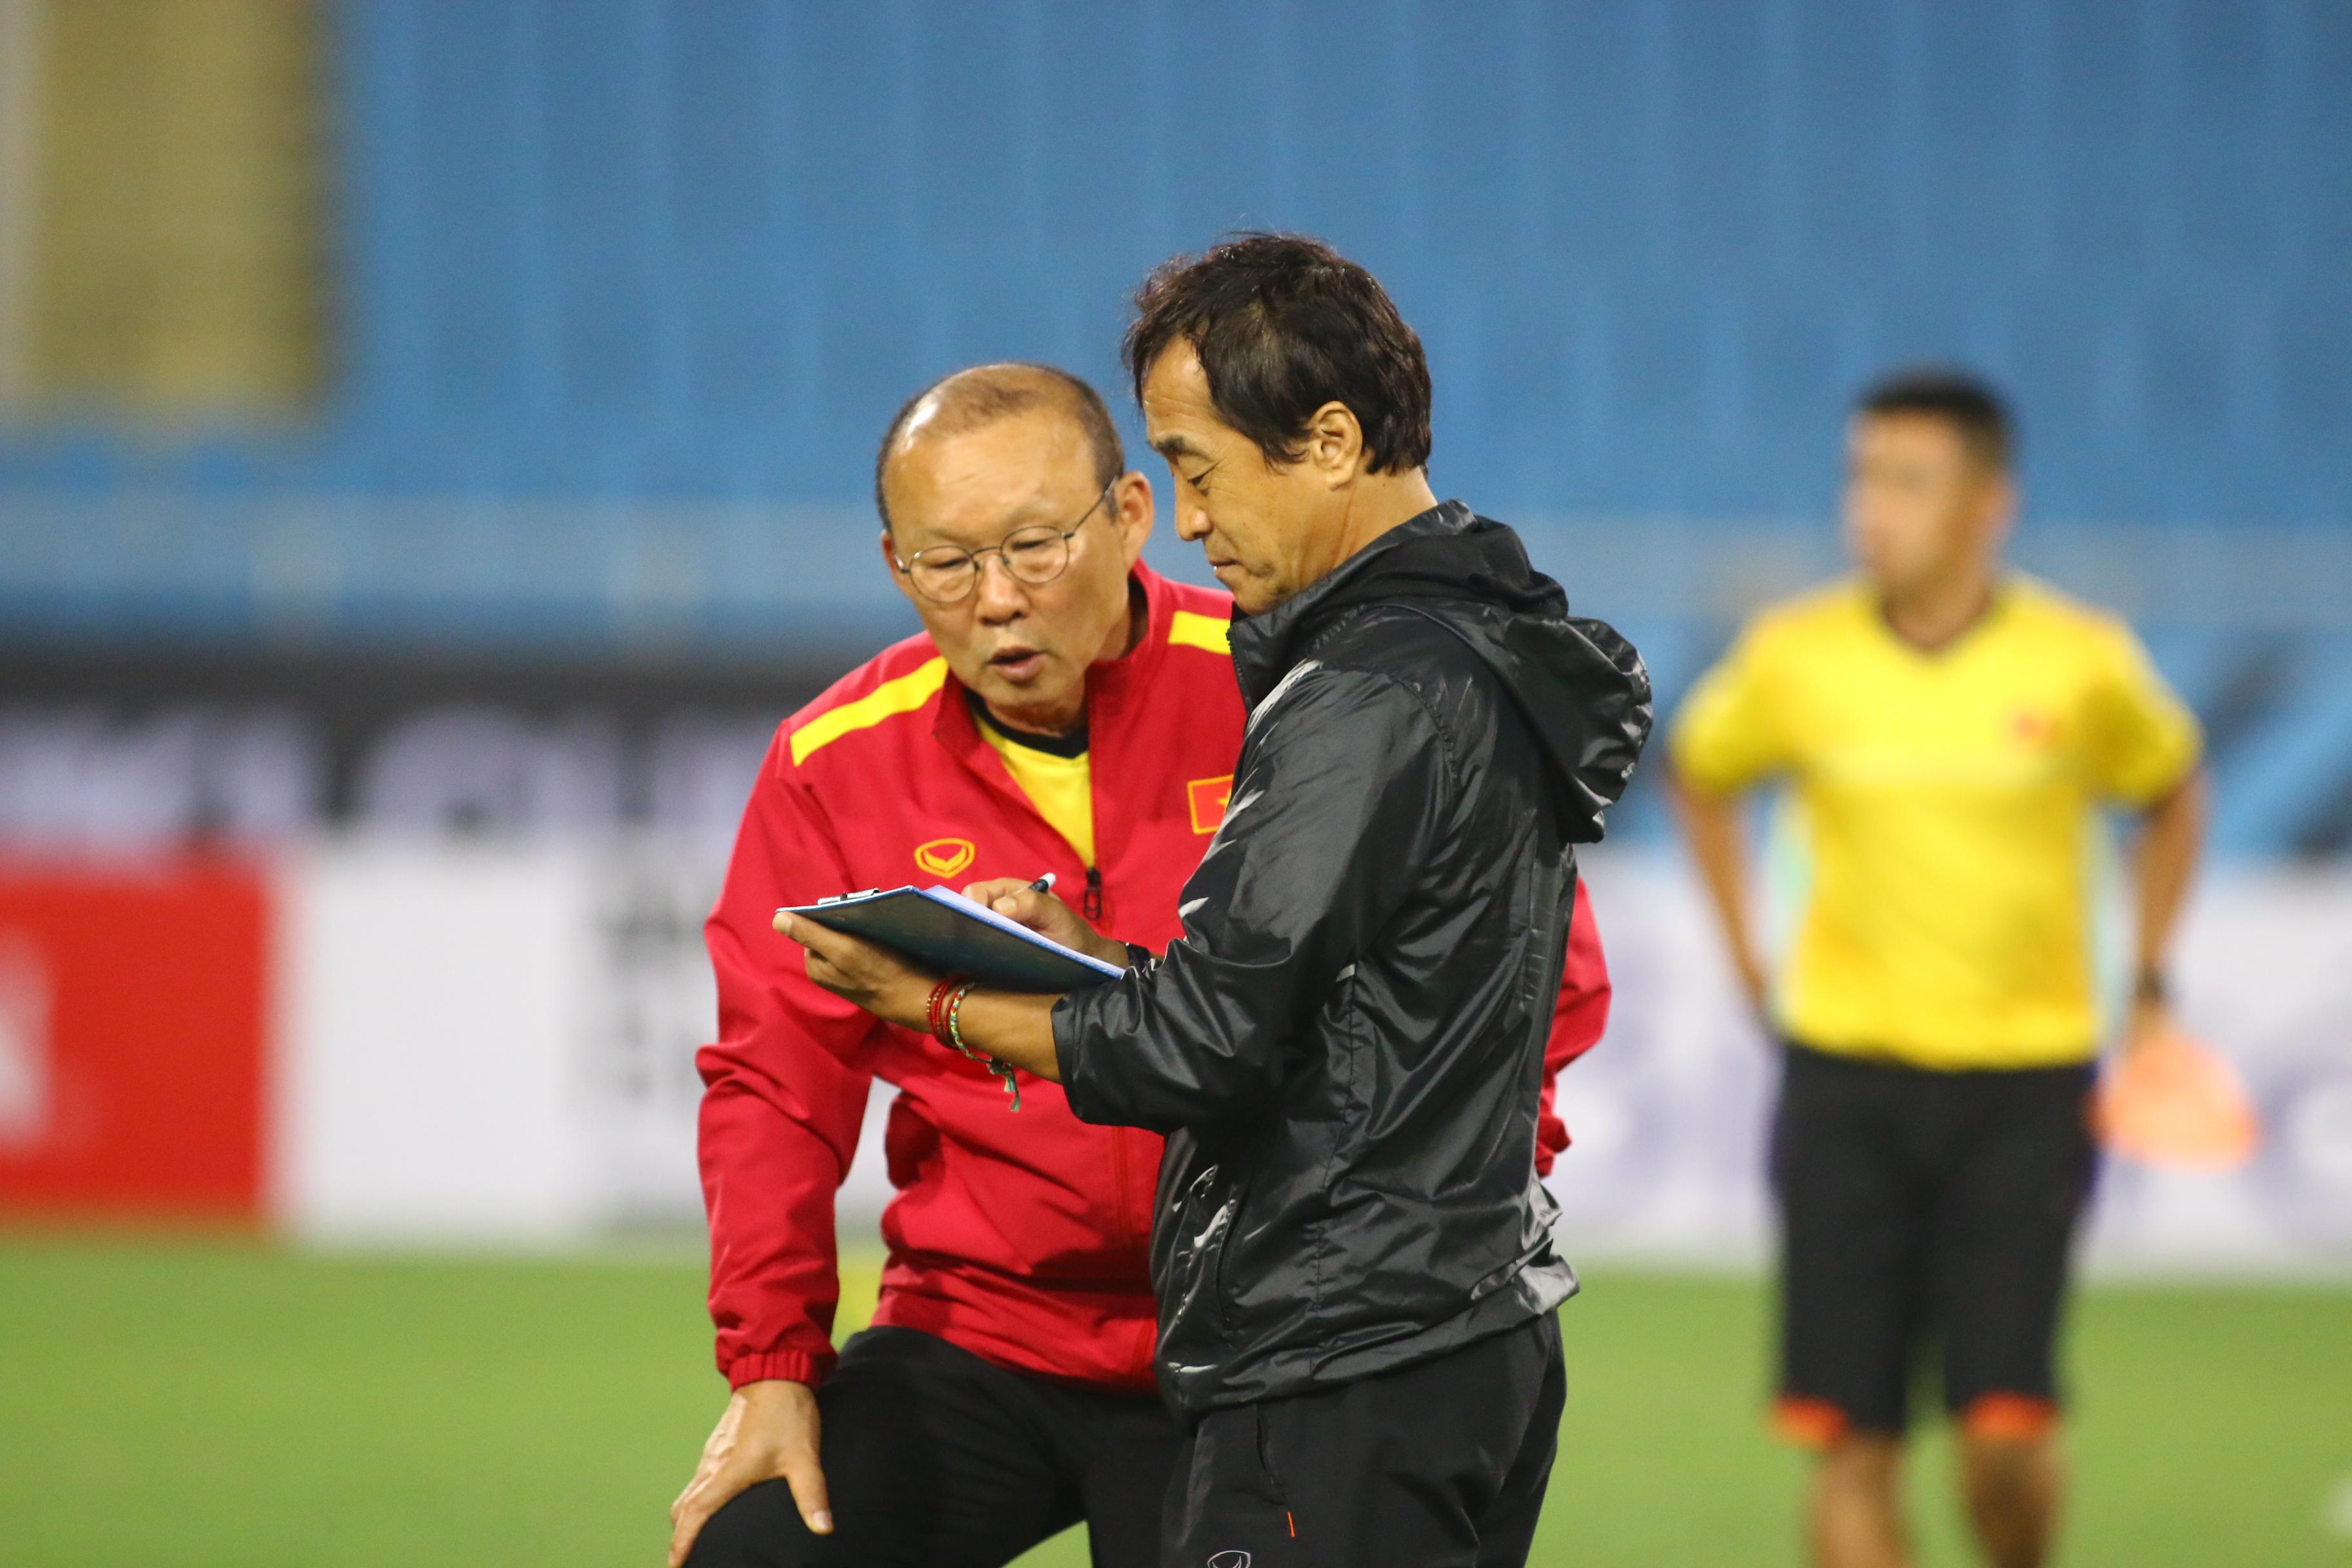 Điểm tin bóng đá Việt Nam tối 29/03: ĐT Việt Nam nhận 2 tin vui, người Thái chưa hết cay cú - Bóng Đá